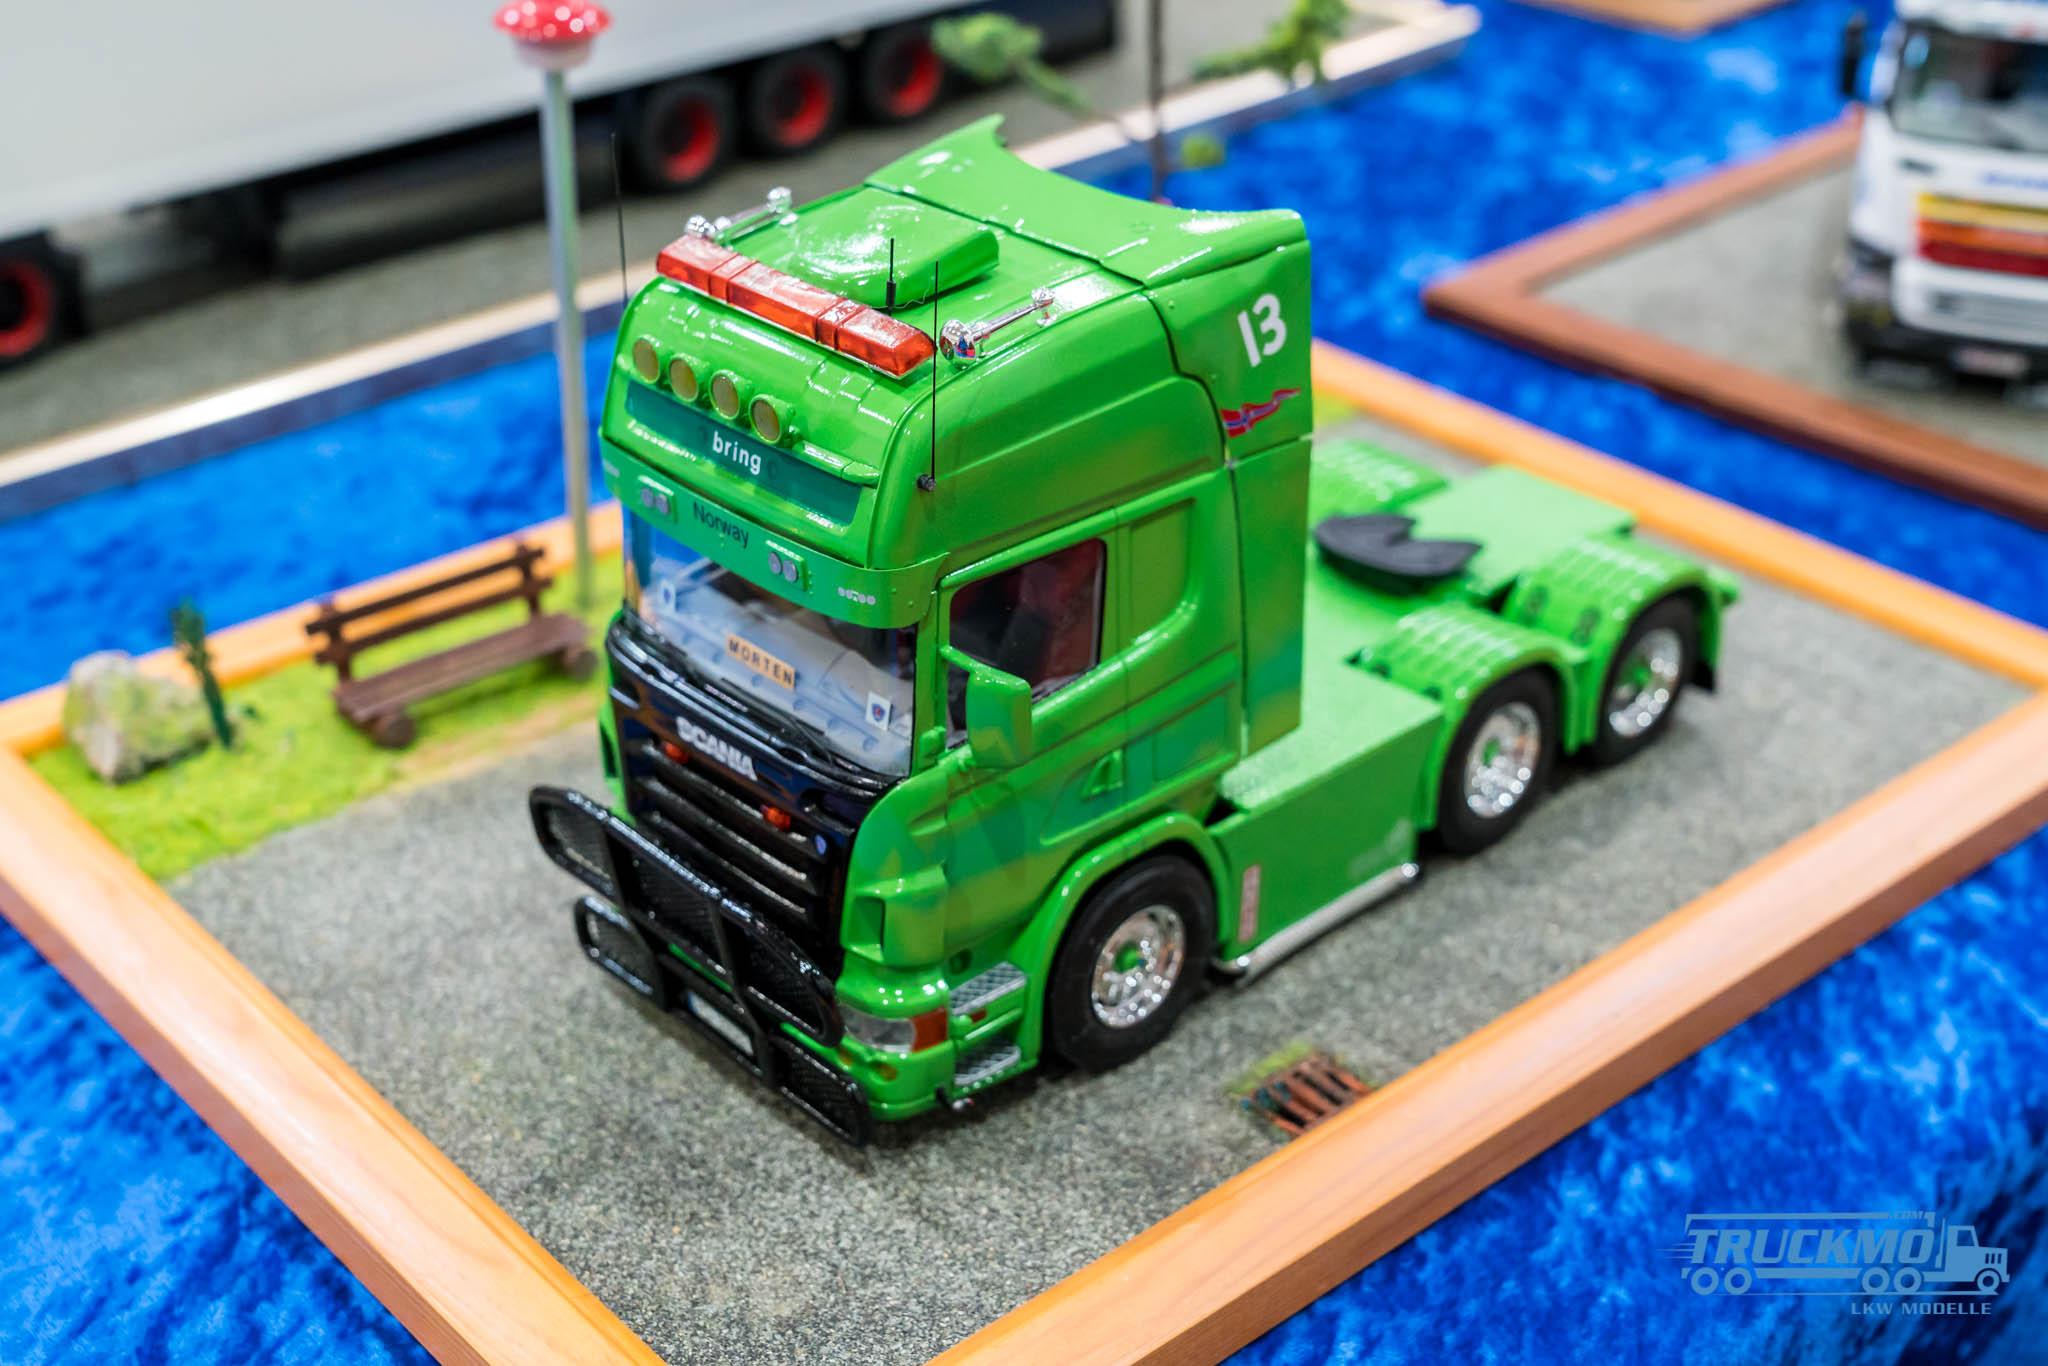 Truckmo_Modellbau_Ried_2017_Herpa_Messe_Modellbauausstellung (318 von 1177)